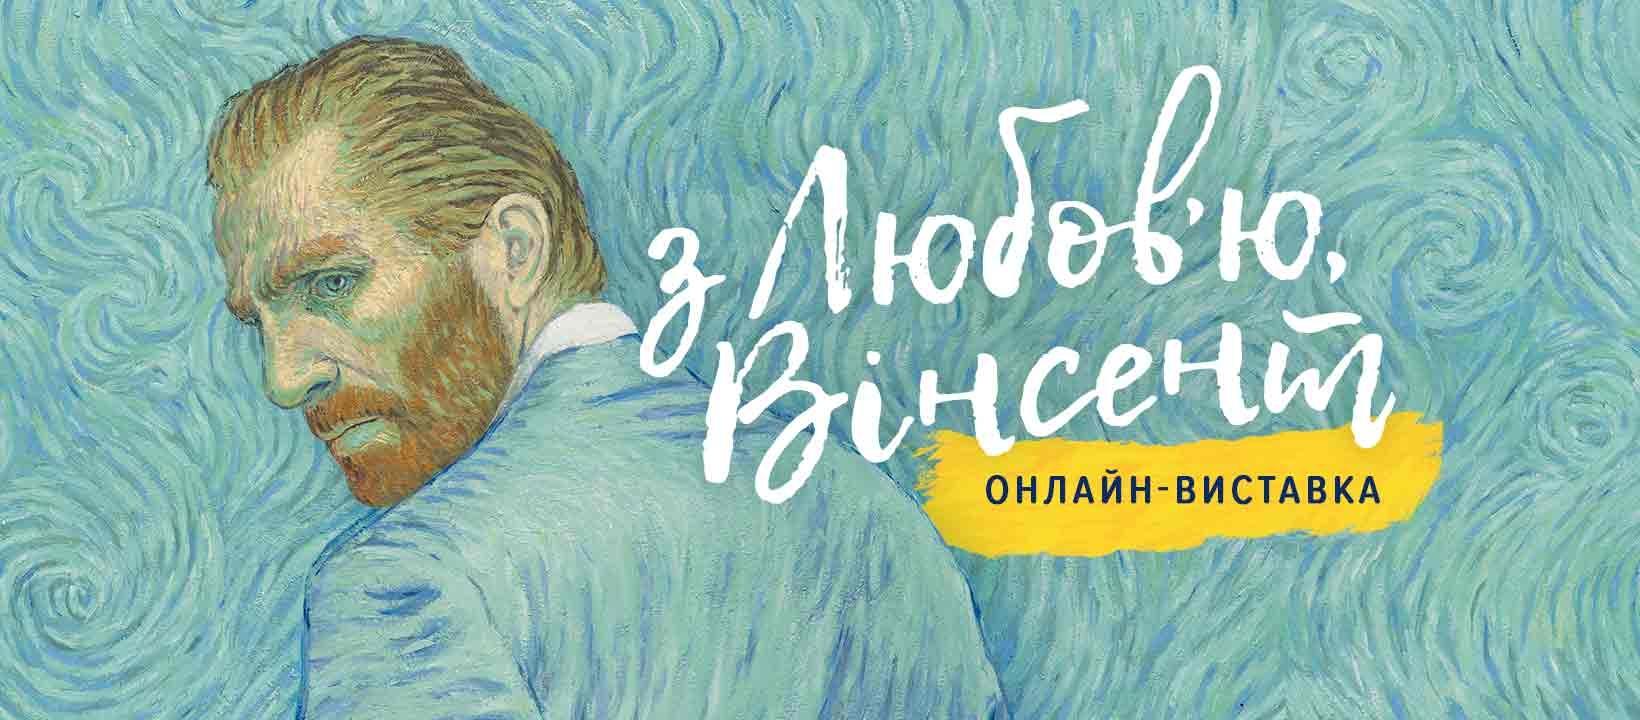 """В Україні стартувала онлайн-виставка,  створена за мотивами фільму """"З любов'ю, Вінсент"""" - фото №1"""